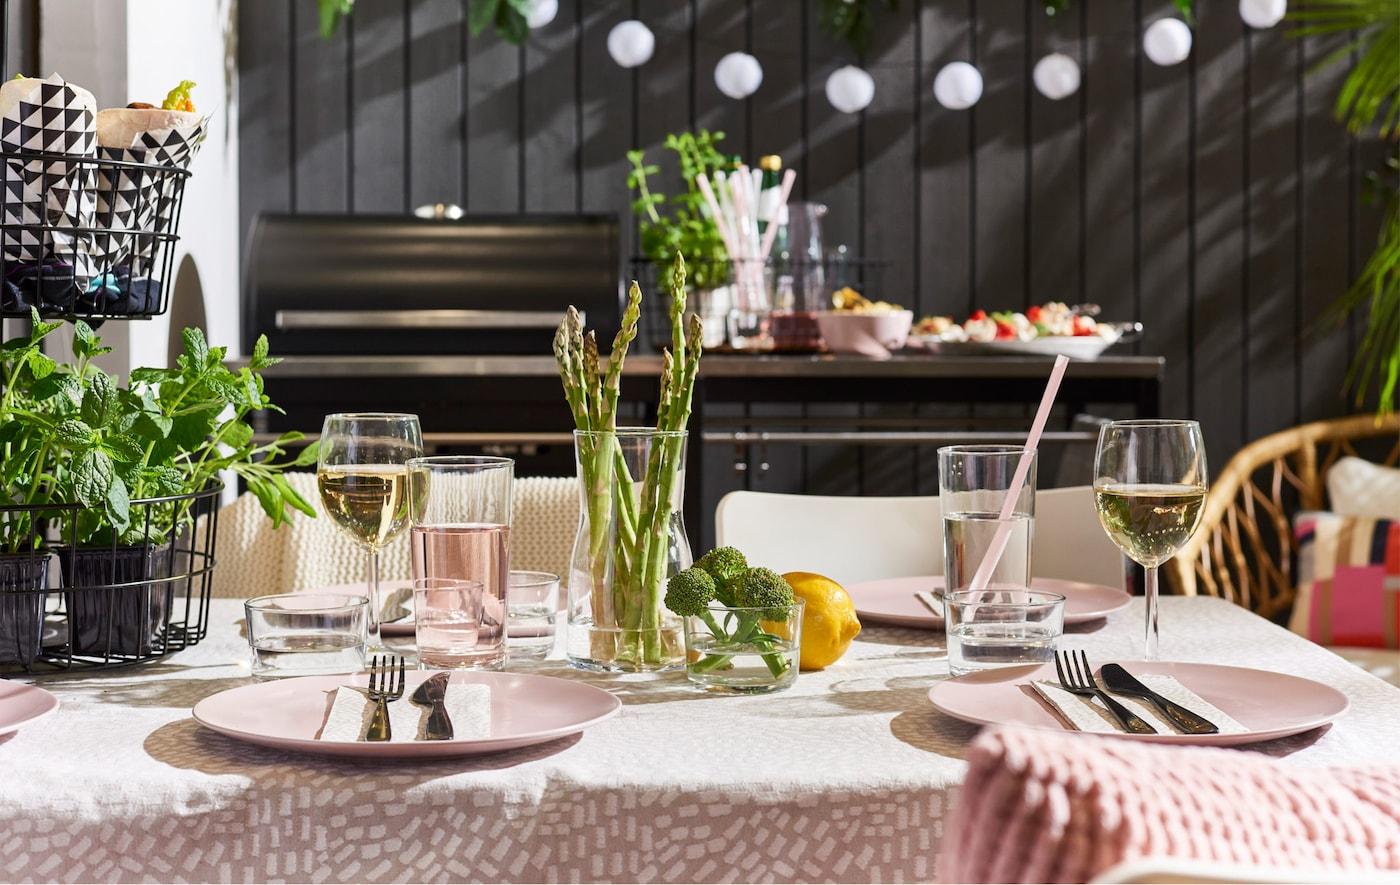 Improvvisa una cena all'aperto per festeggiare l'estate. Da IKEA trovi l'illuminazione SOLVINDEN, perfetta per creare la giusta atmosfera